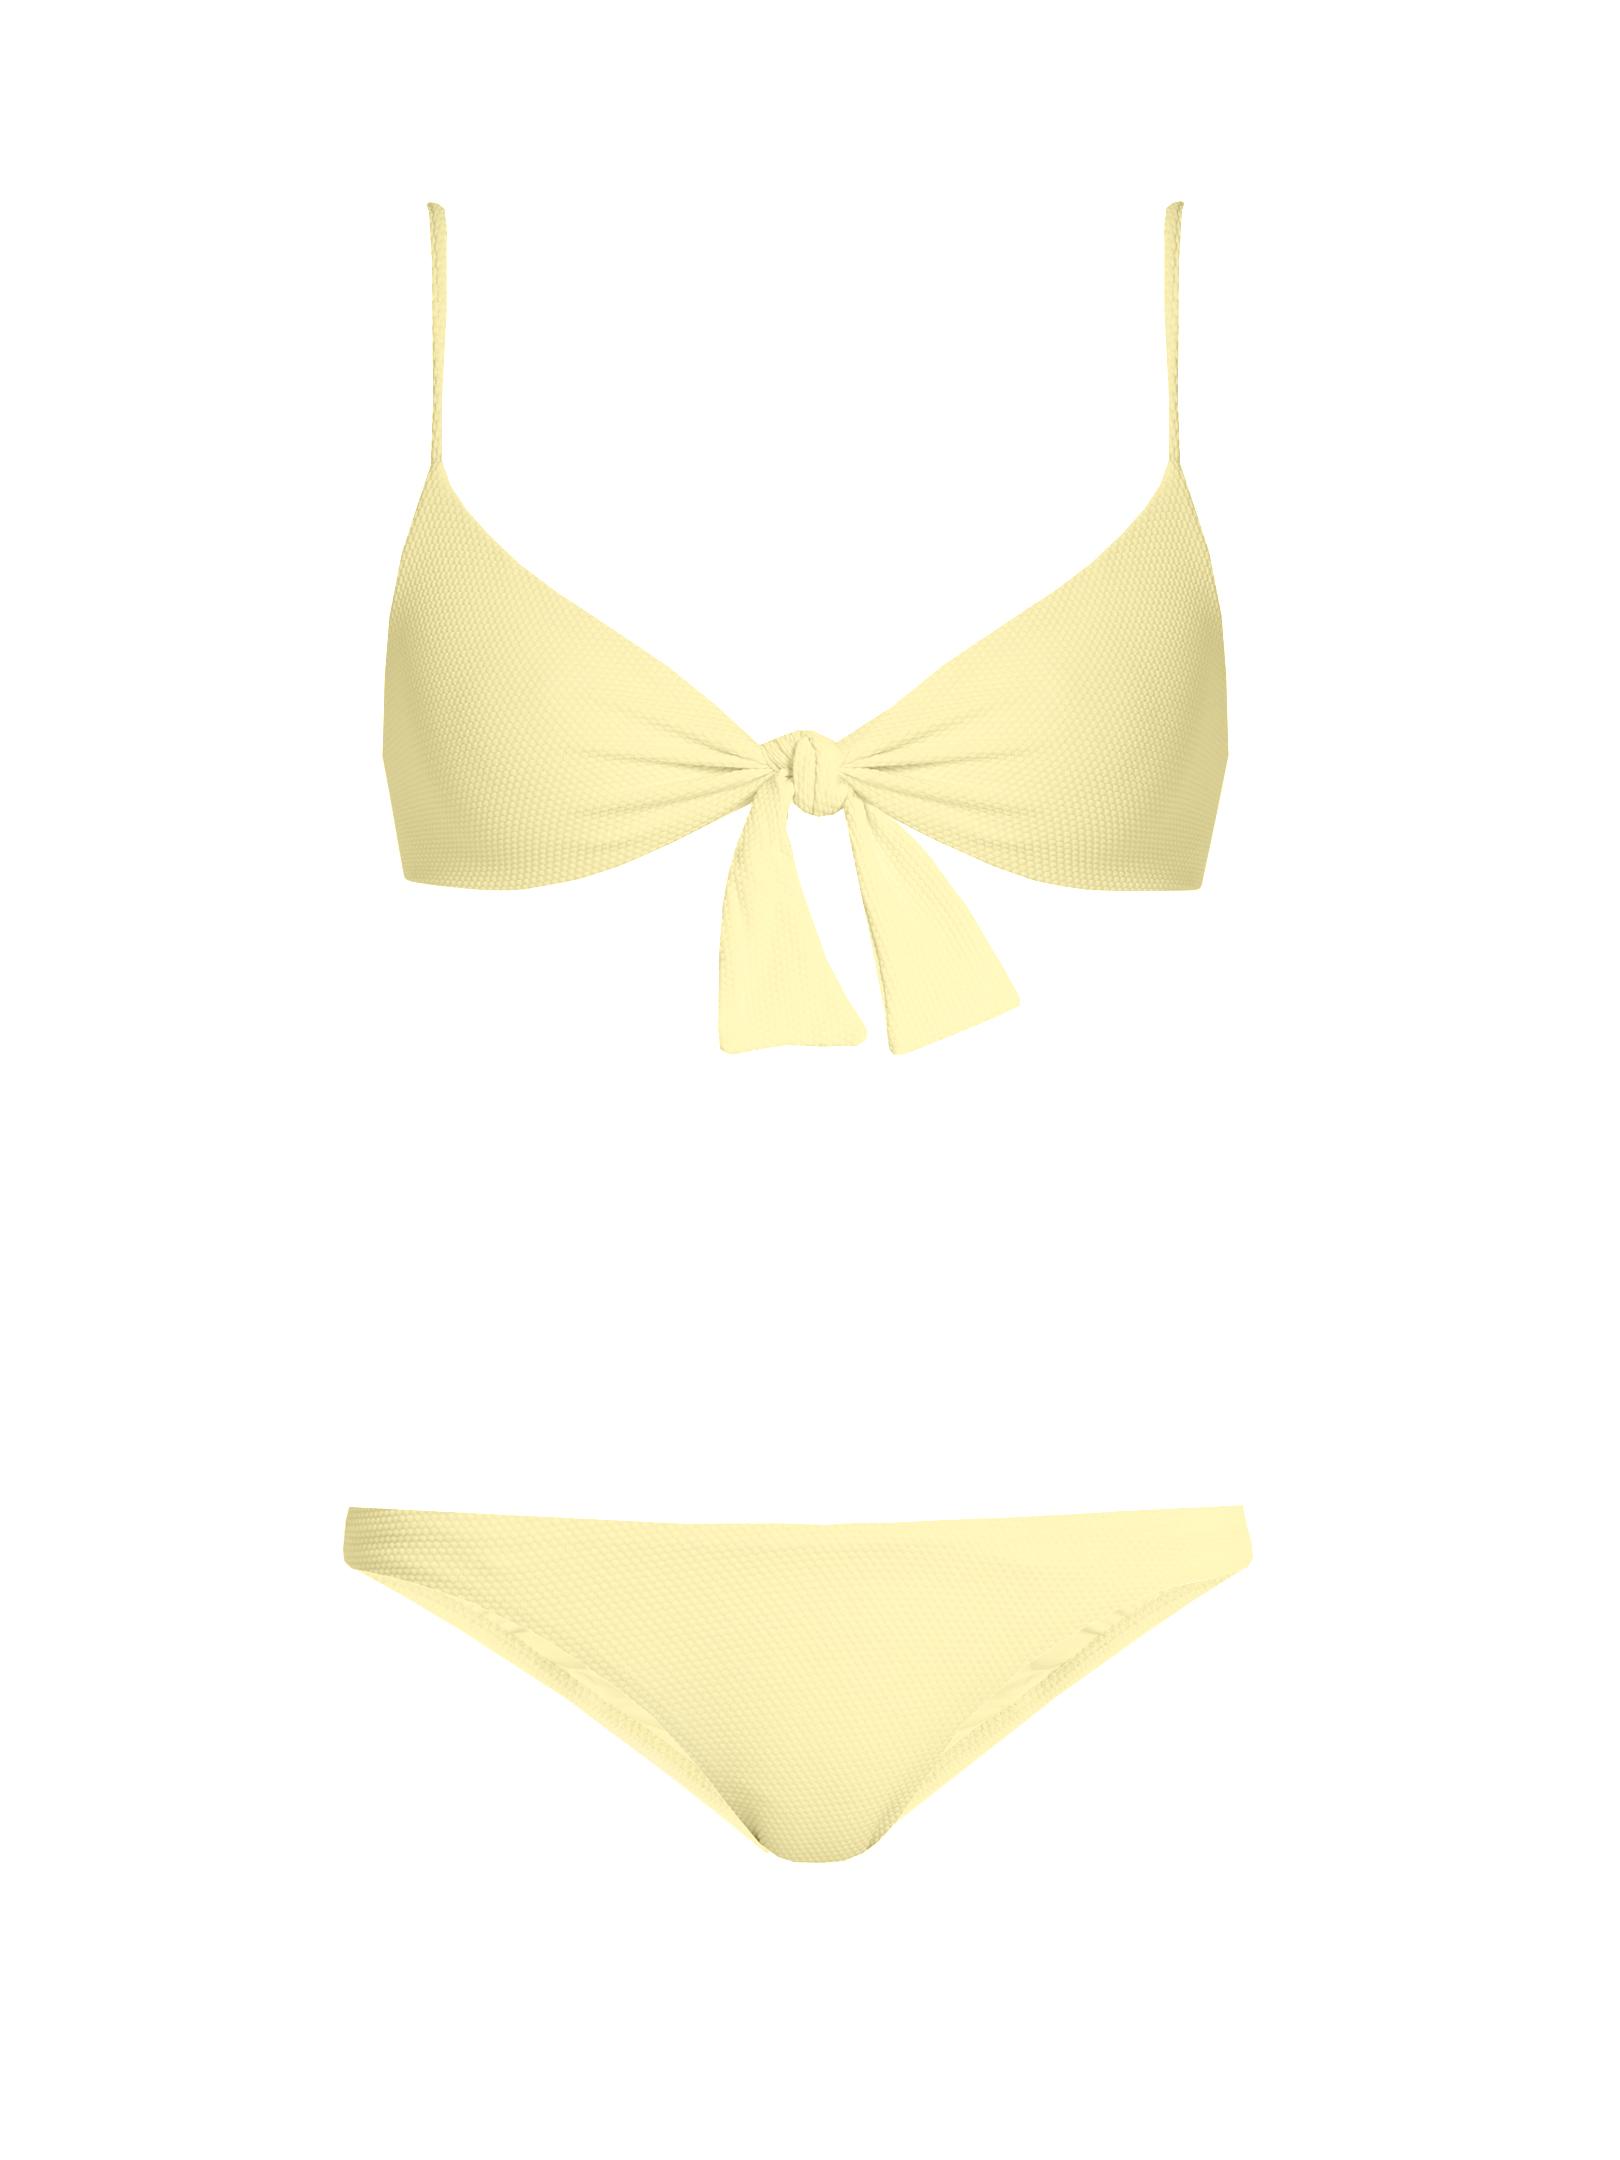 Melissa Odabash yellow bikini